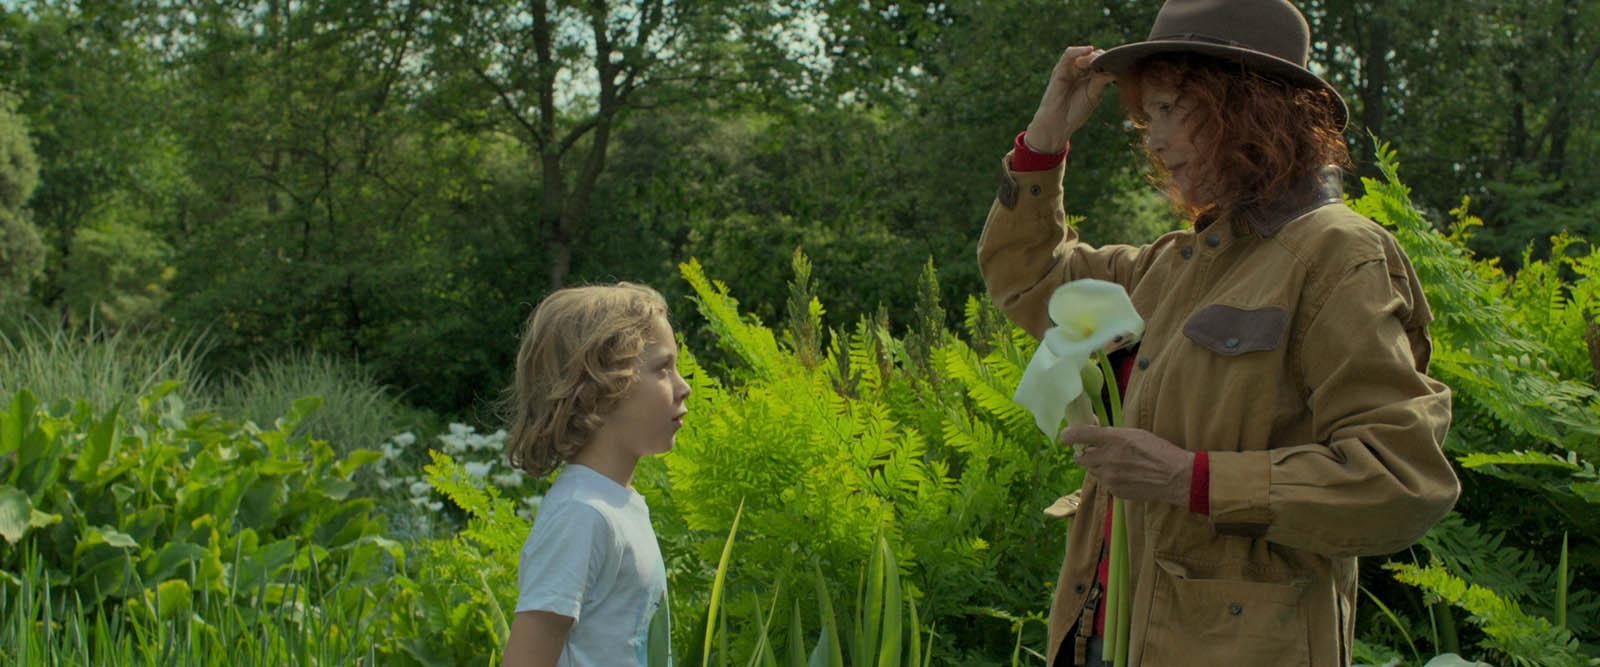 Chouquette film critique photo